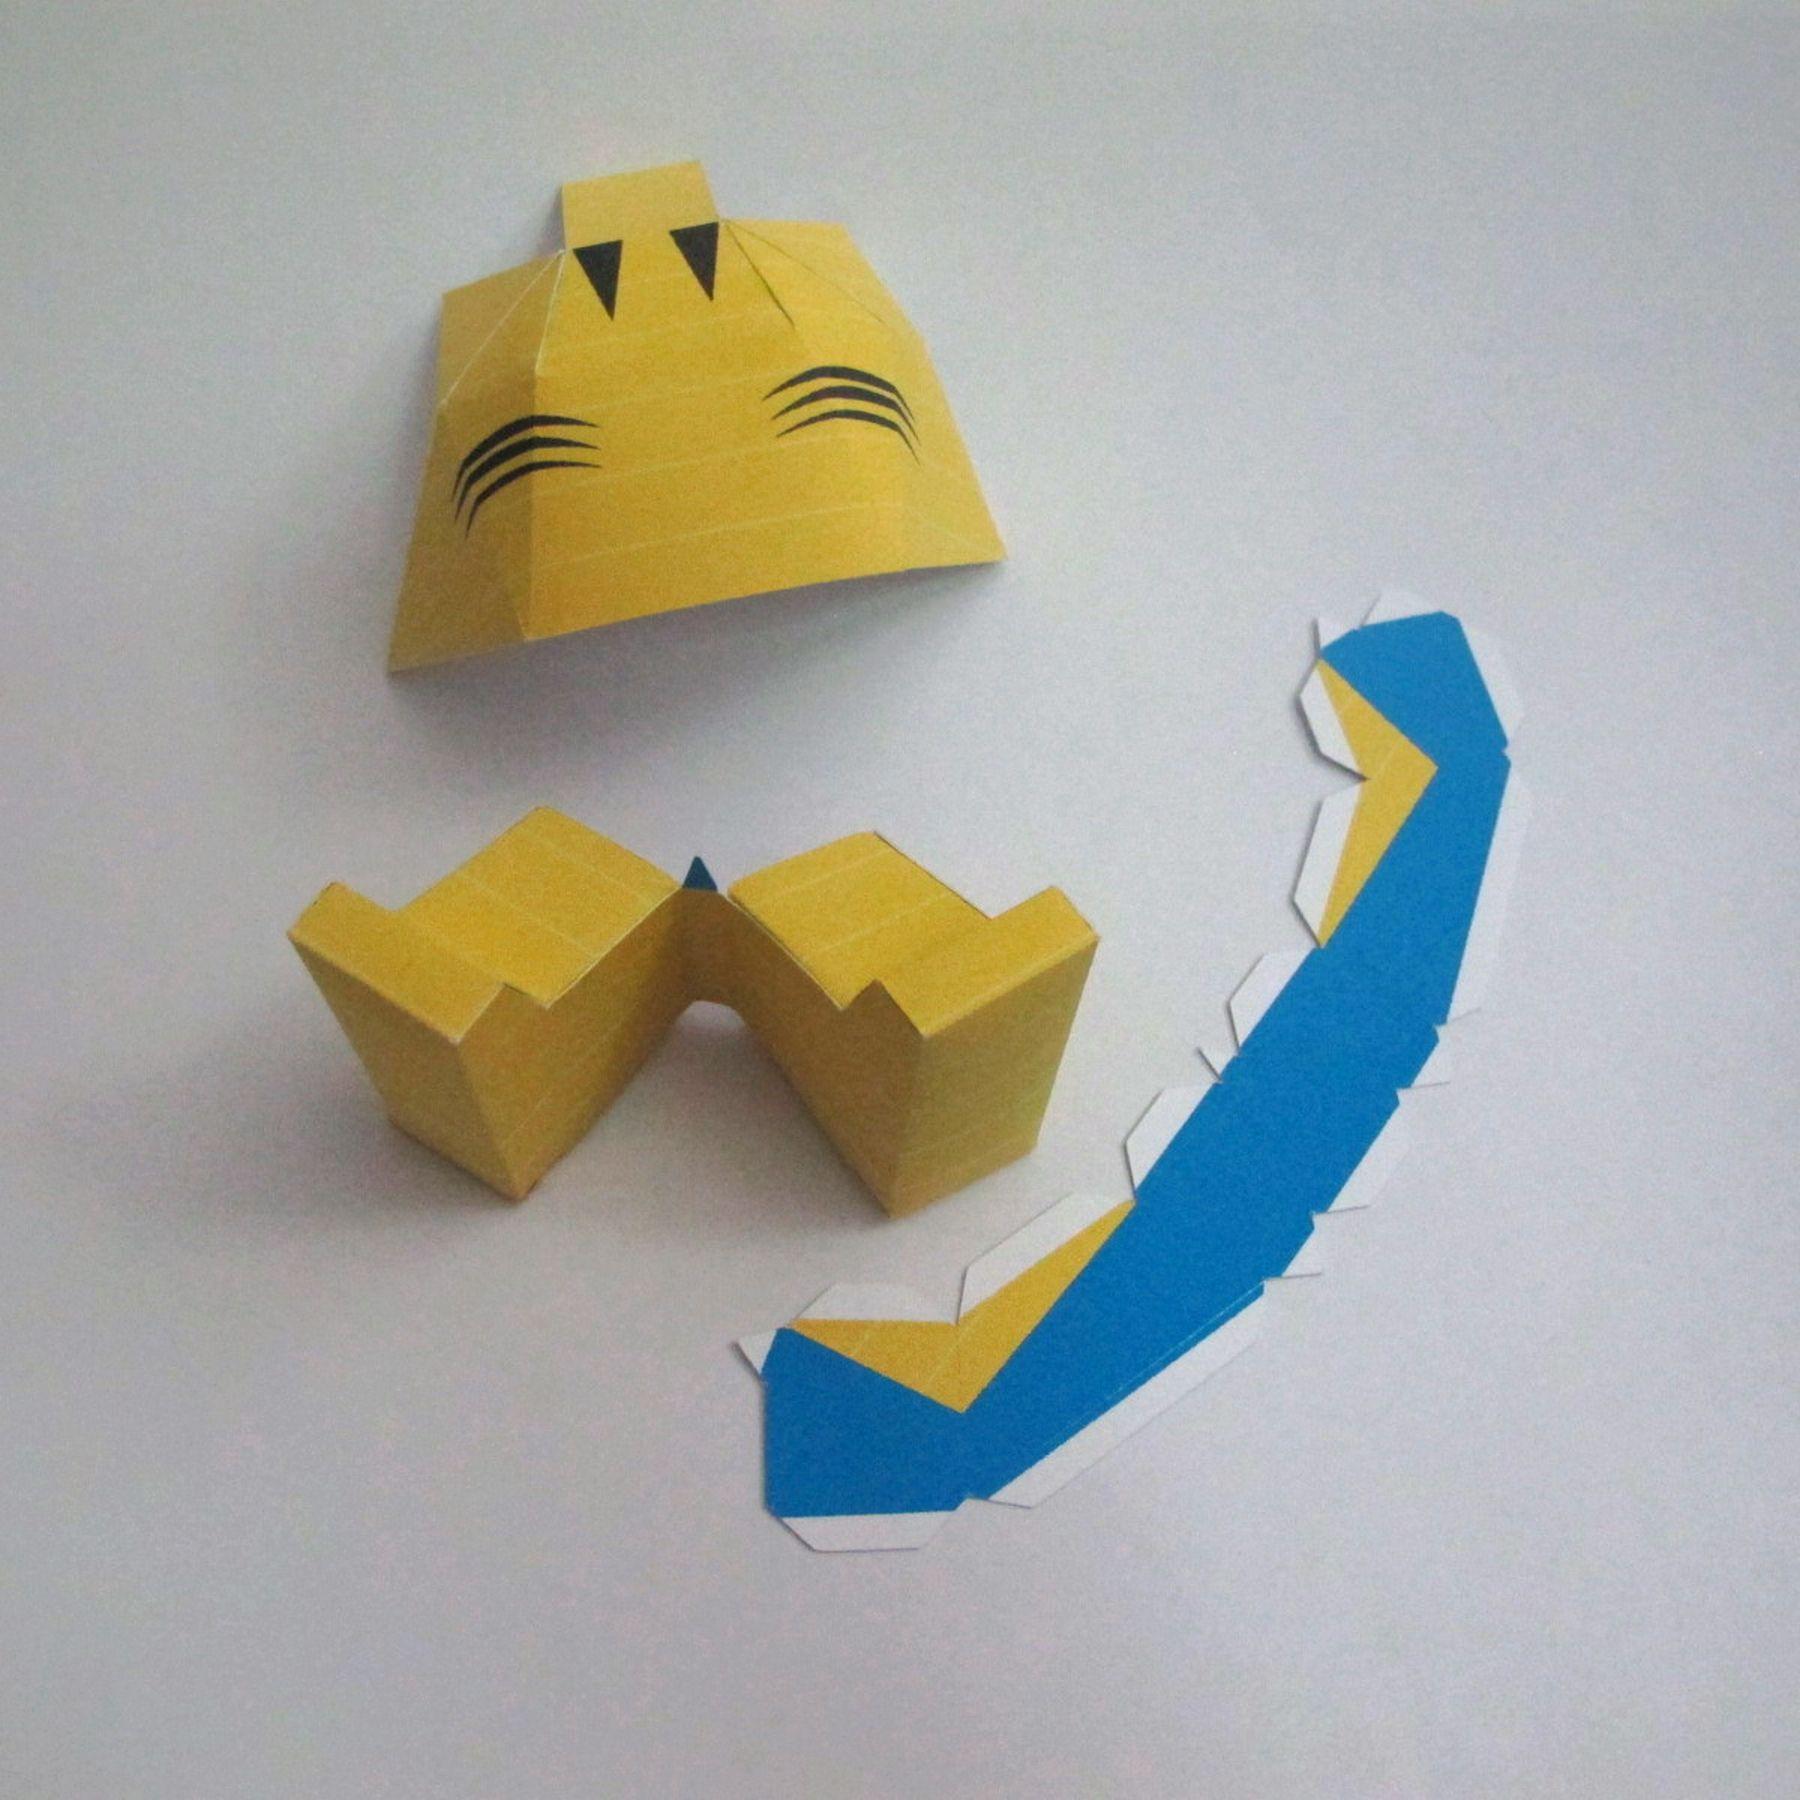 วิธีทำของเล่นโมเดลกระดาษ วูฟเวอรีน (Chibi Wolverine Papercraft Model) 027